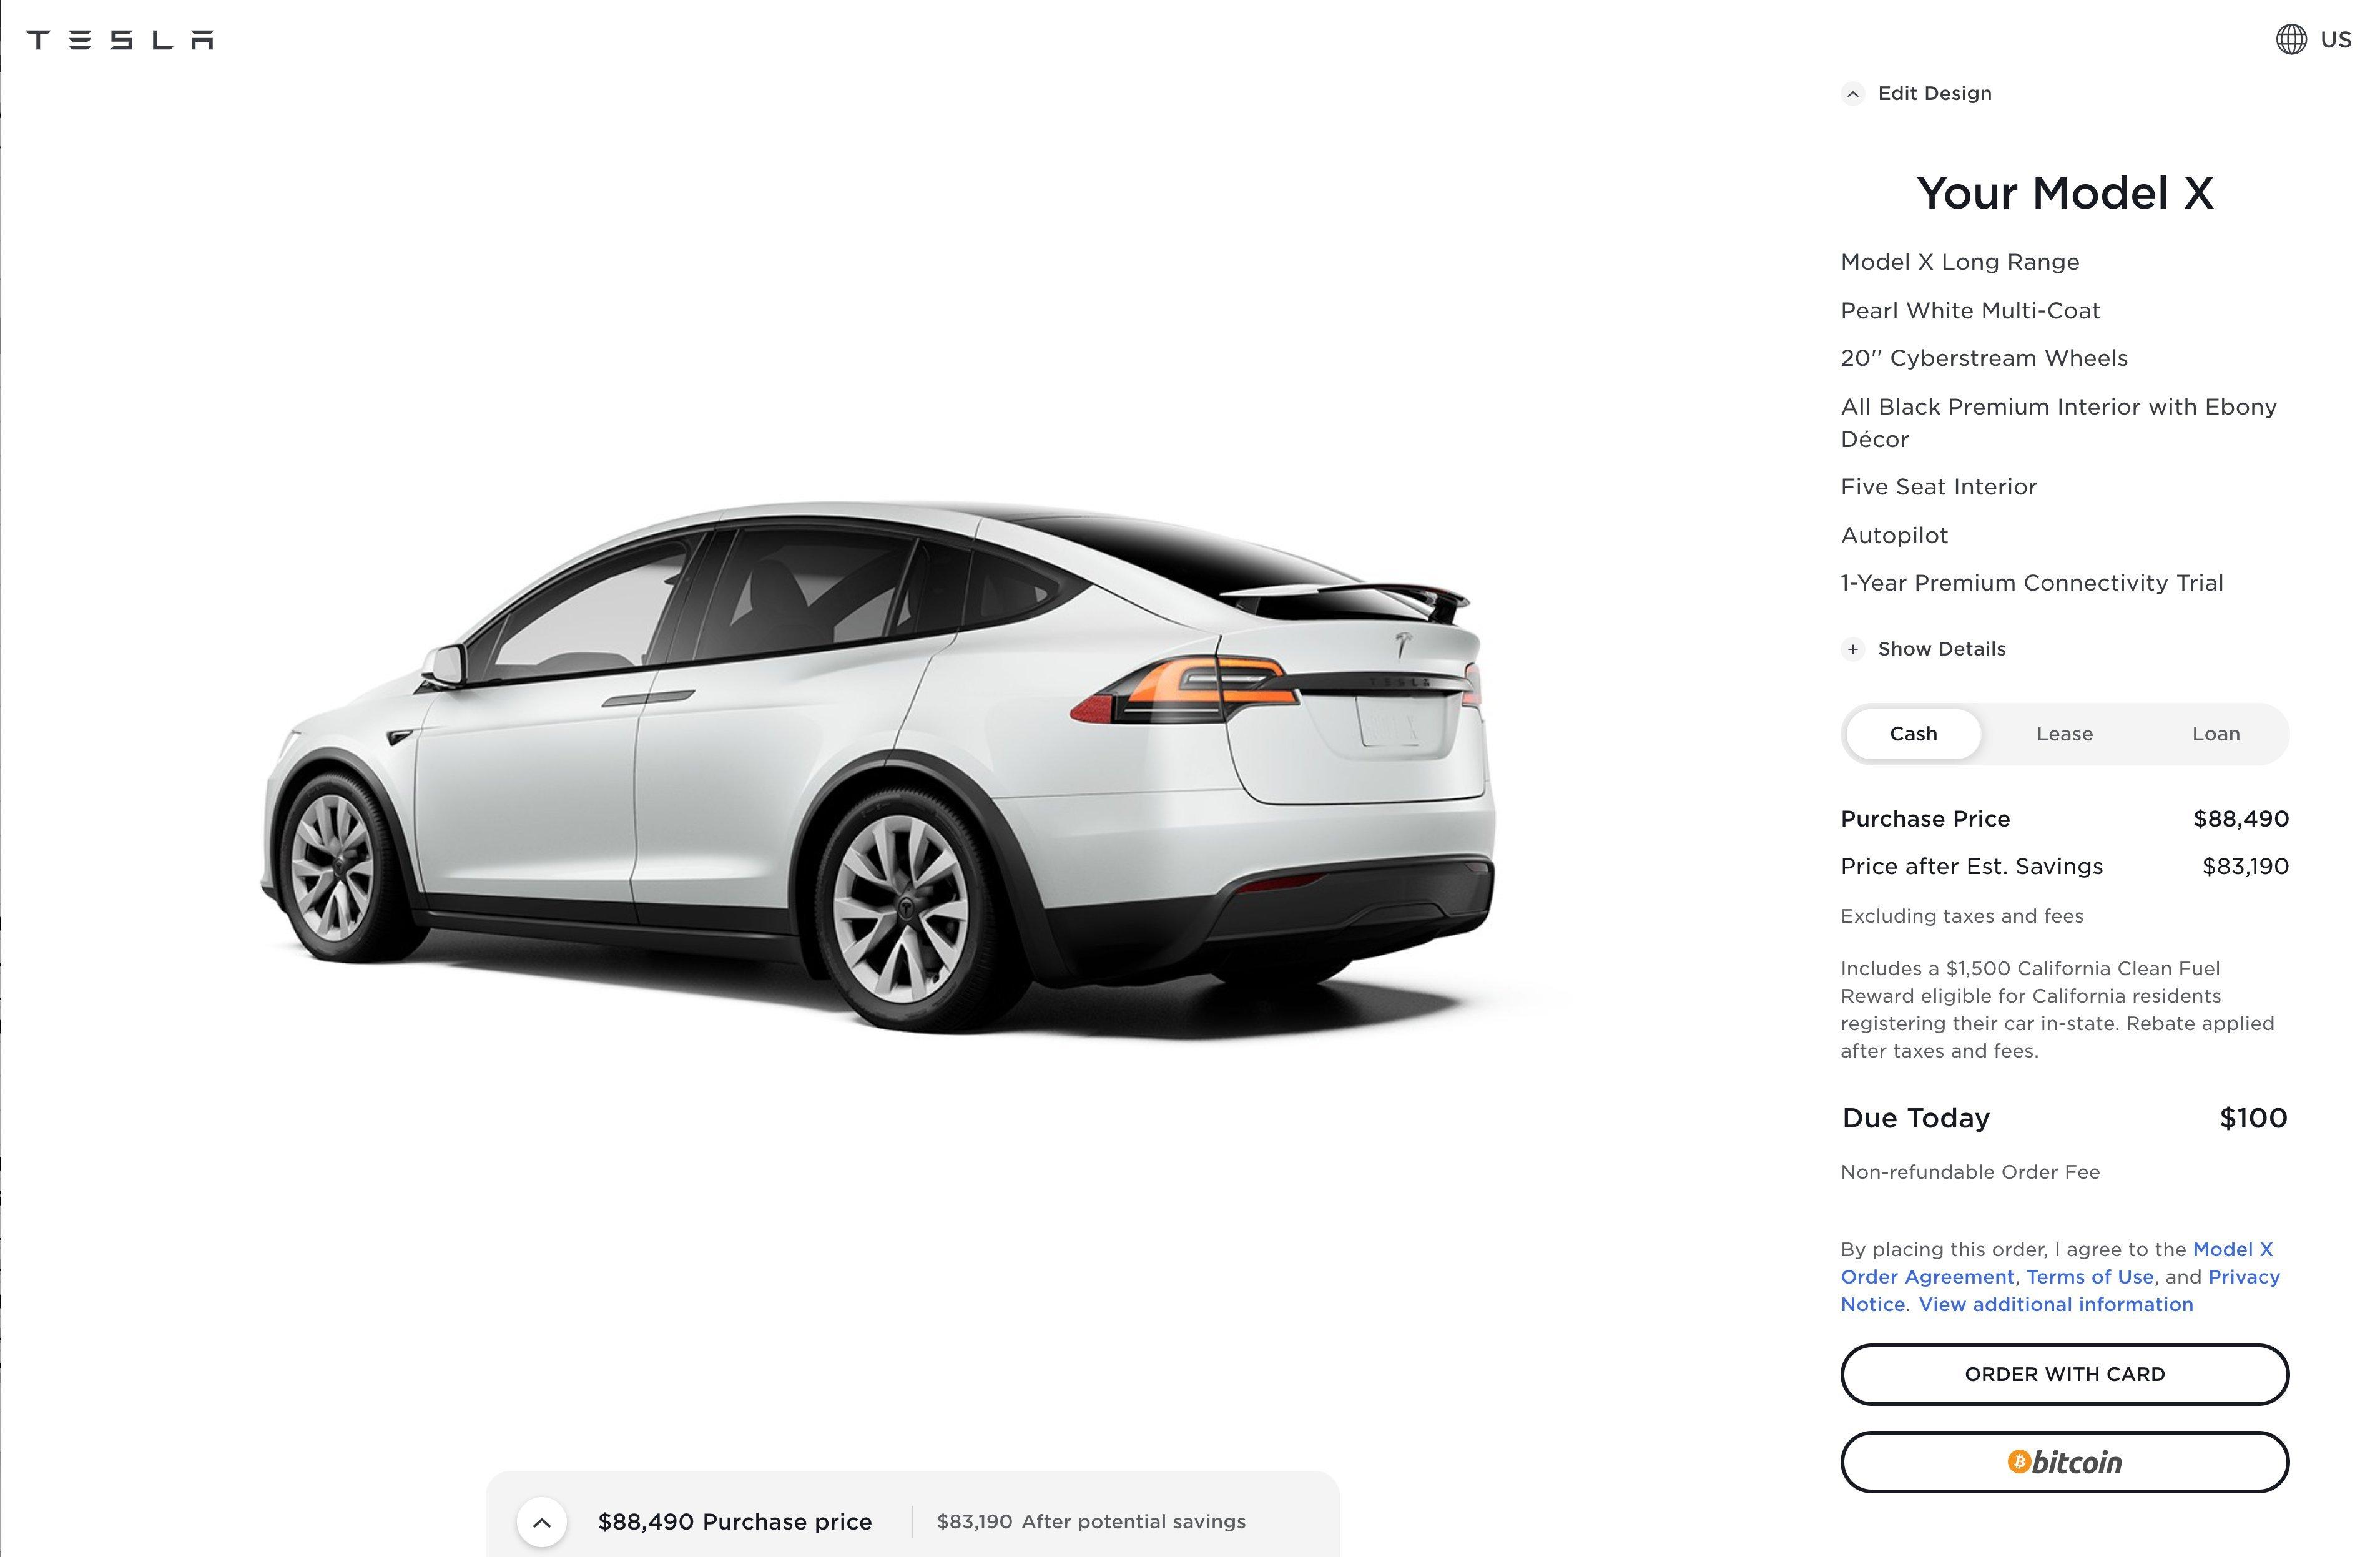 Автомобили Tesla теперь можно приобрести за биткоин